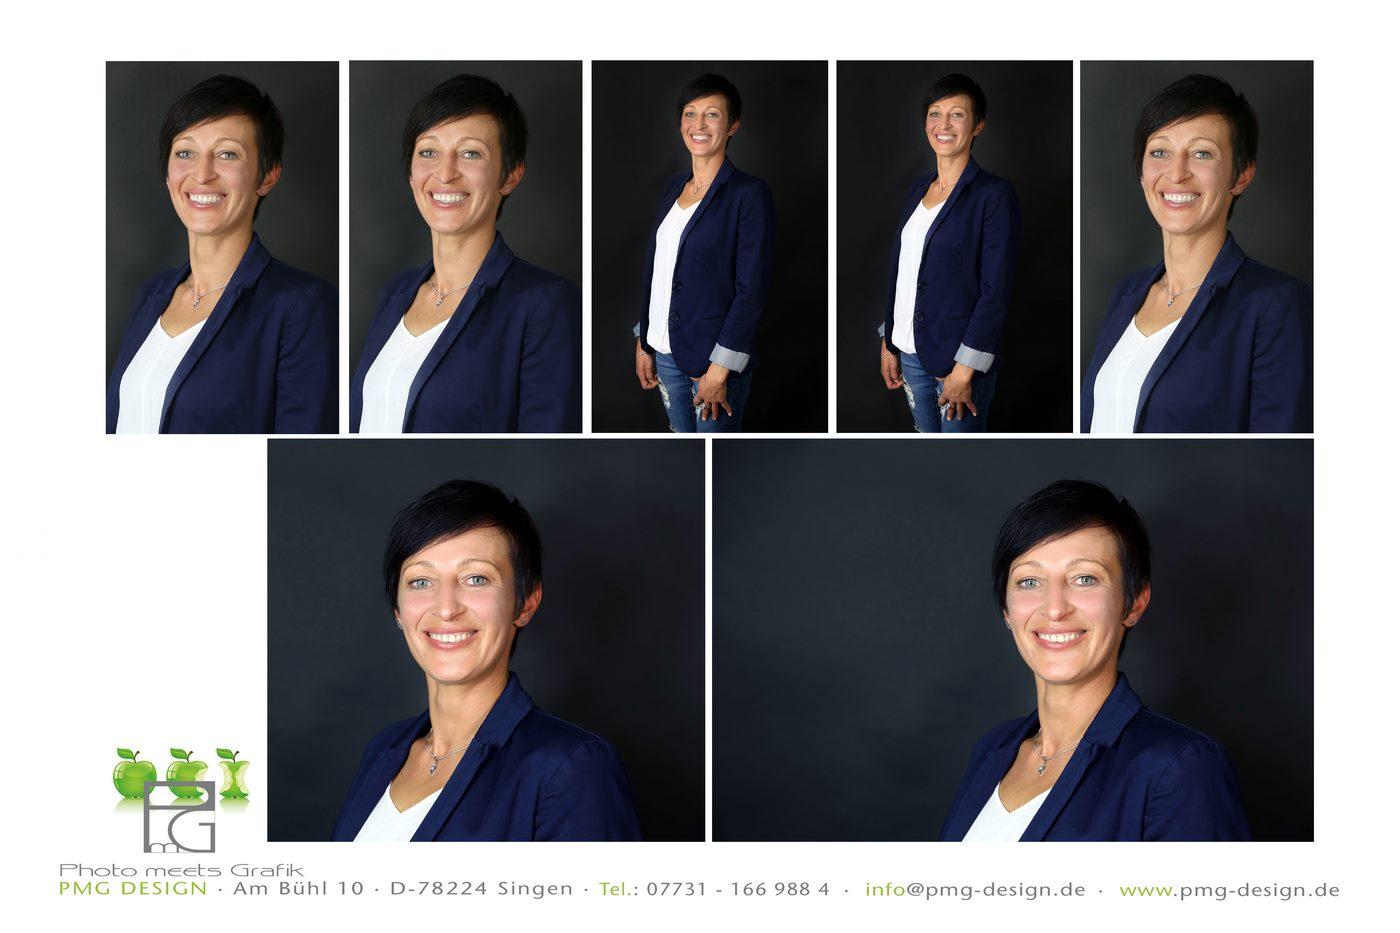 Bewerbungsfotos zu einer Collage zusammengestellt